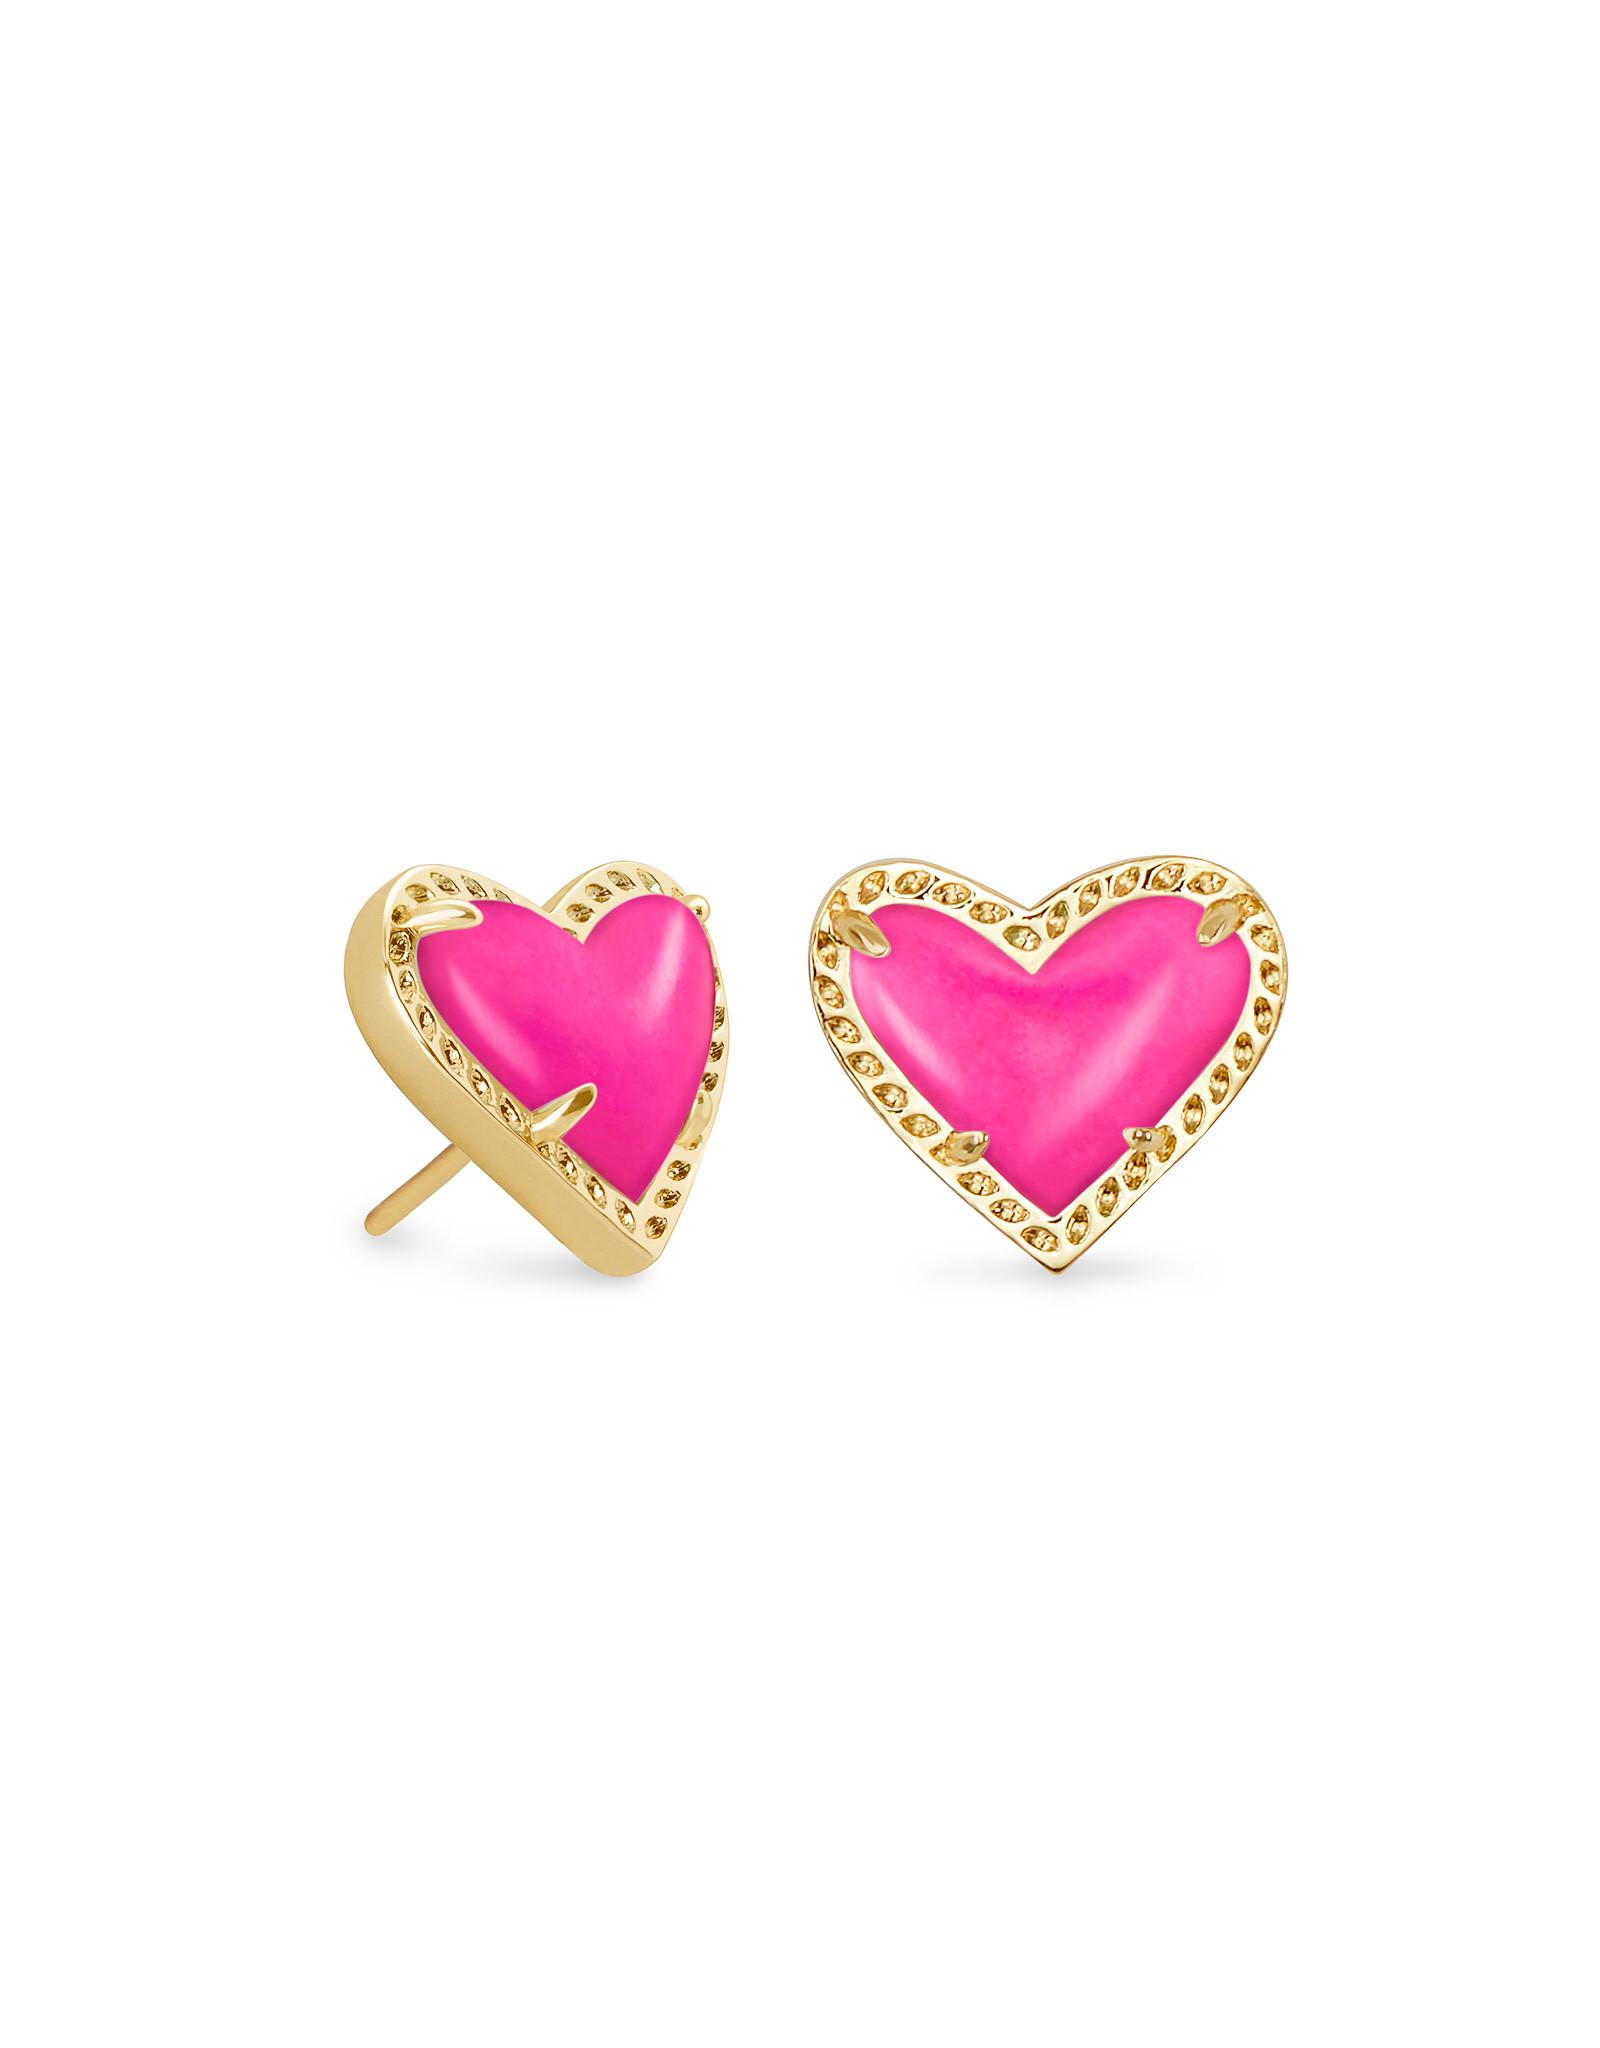 Kendra Scott Ari Heart Studs